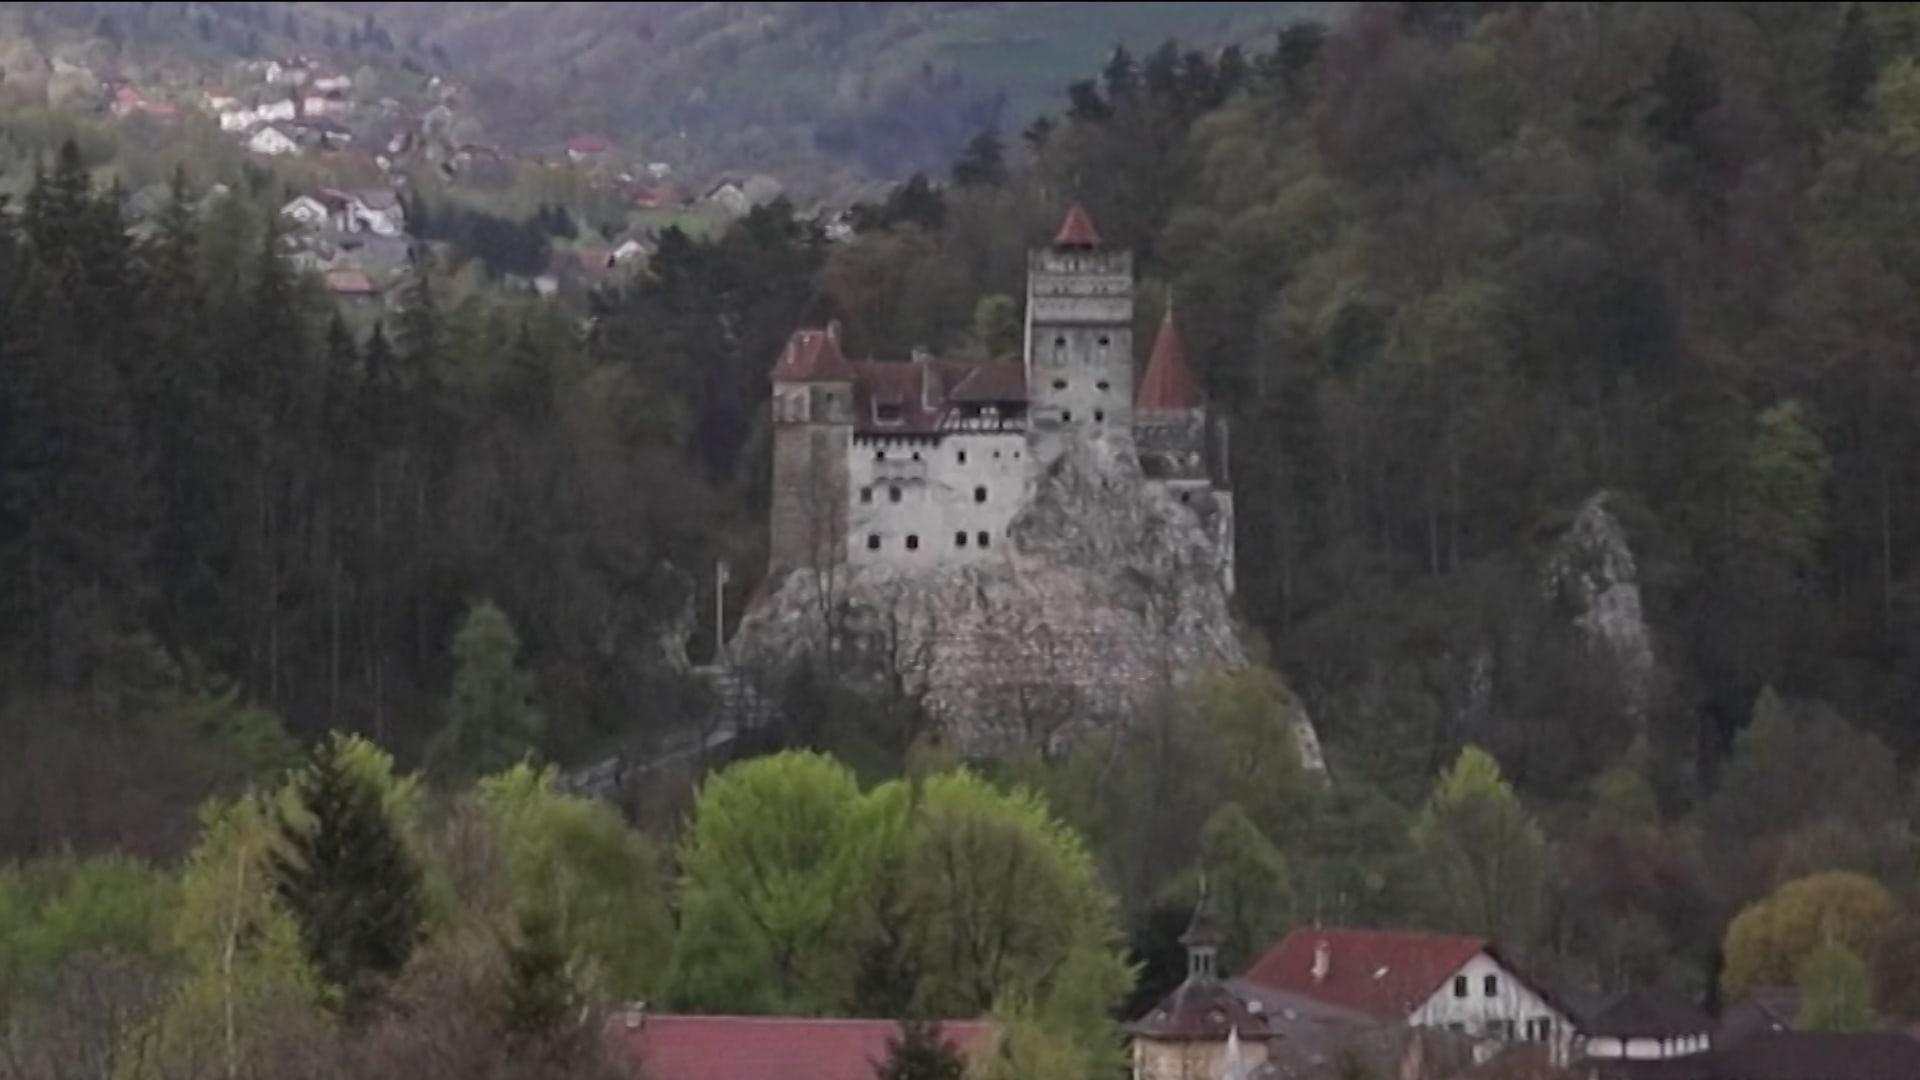 هل تجرؤ على دخول عرين مصاصي الدماء؟ رومانيا تقدم جرعات مجانية من لقاح فيروس كورونا في قلعة دراكولا الشهيرة